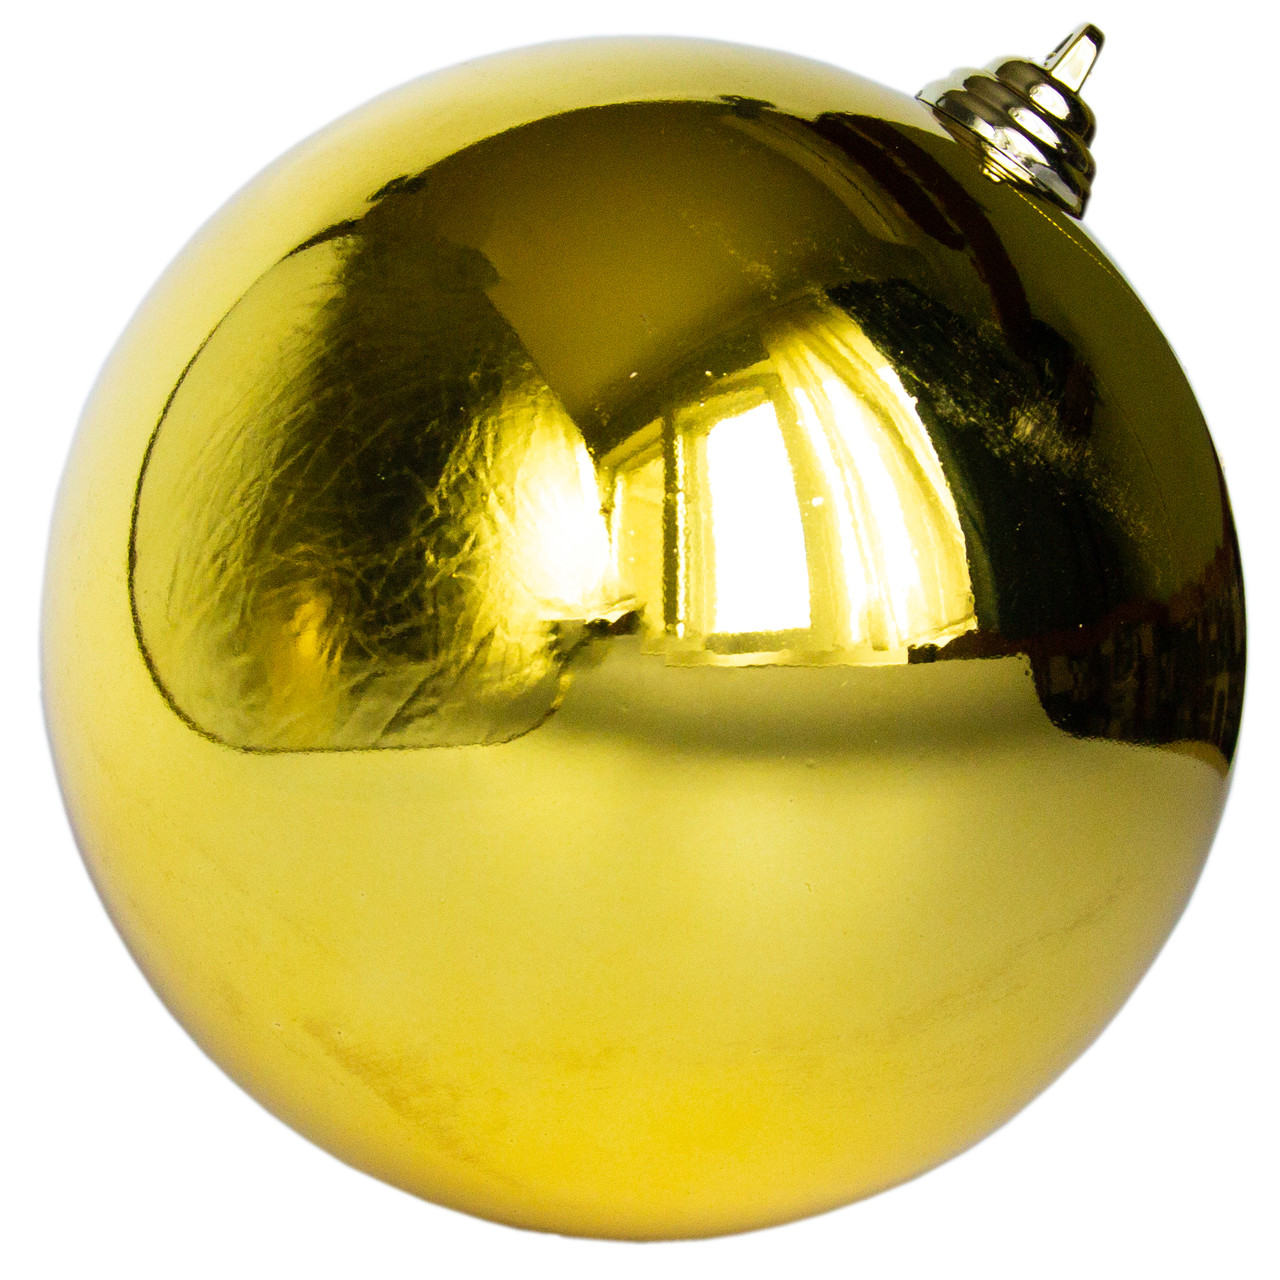 Елочный шар пластиковый на елку, глянцевый, золотой, 15 см (250157)